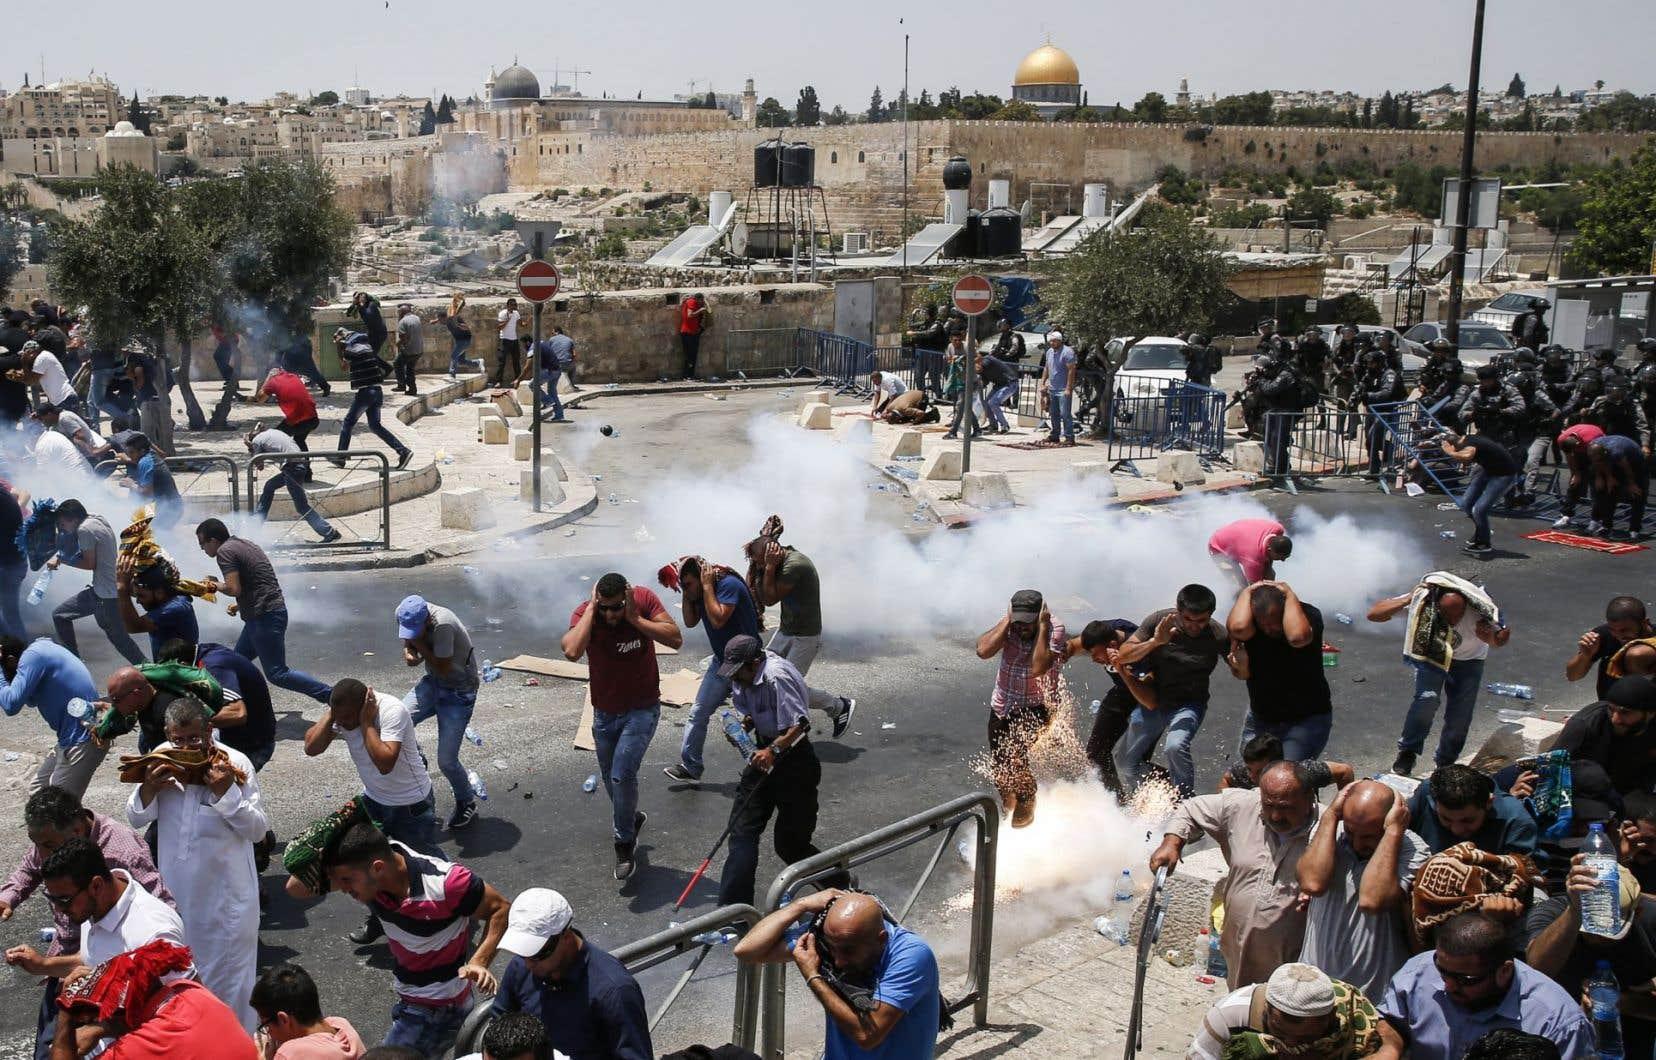 Près de 500 personnes ont été blessées vendredi lors des manifestations, selon un bilan provisoire en fin d'après-midi.